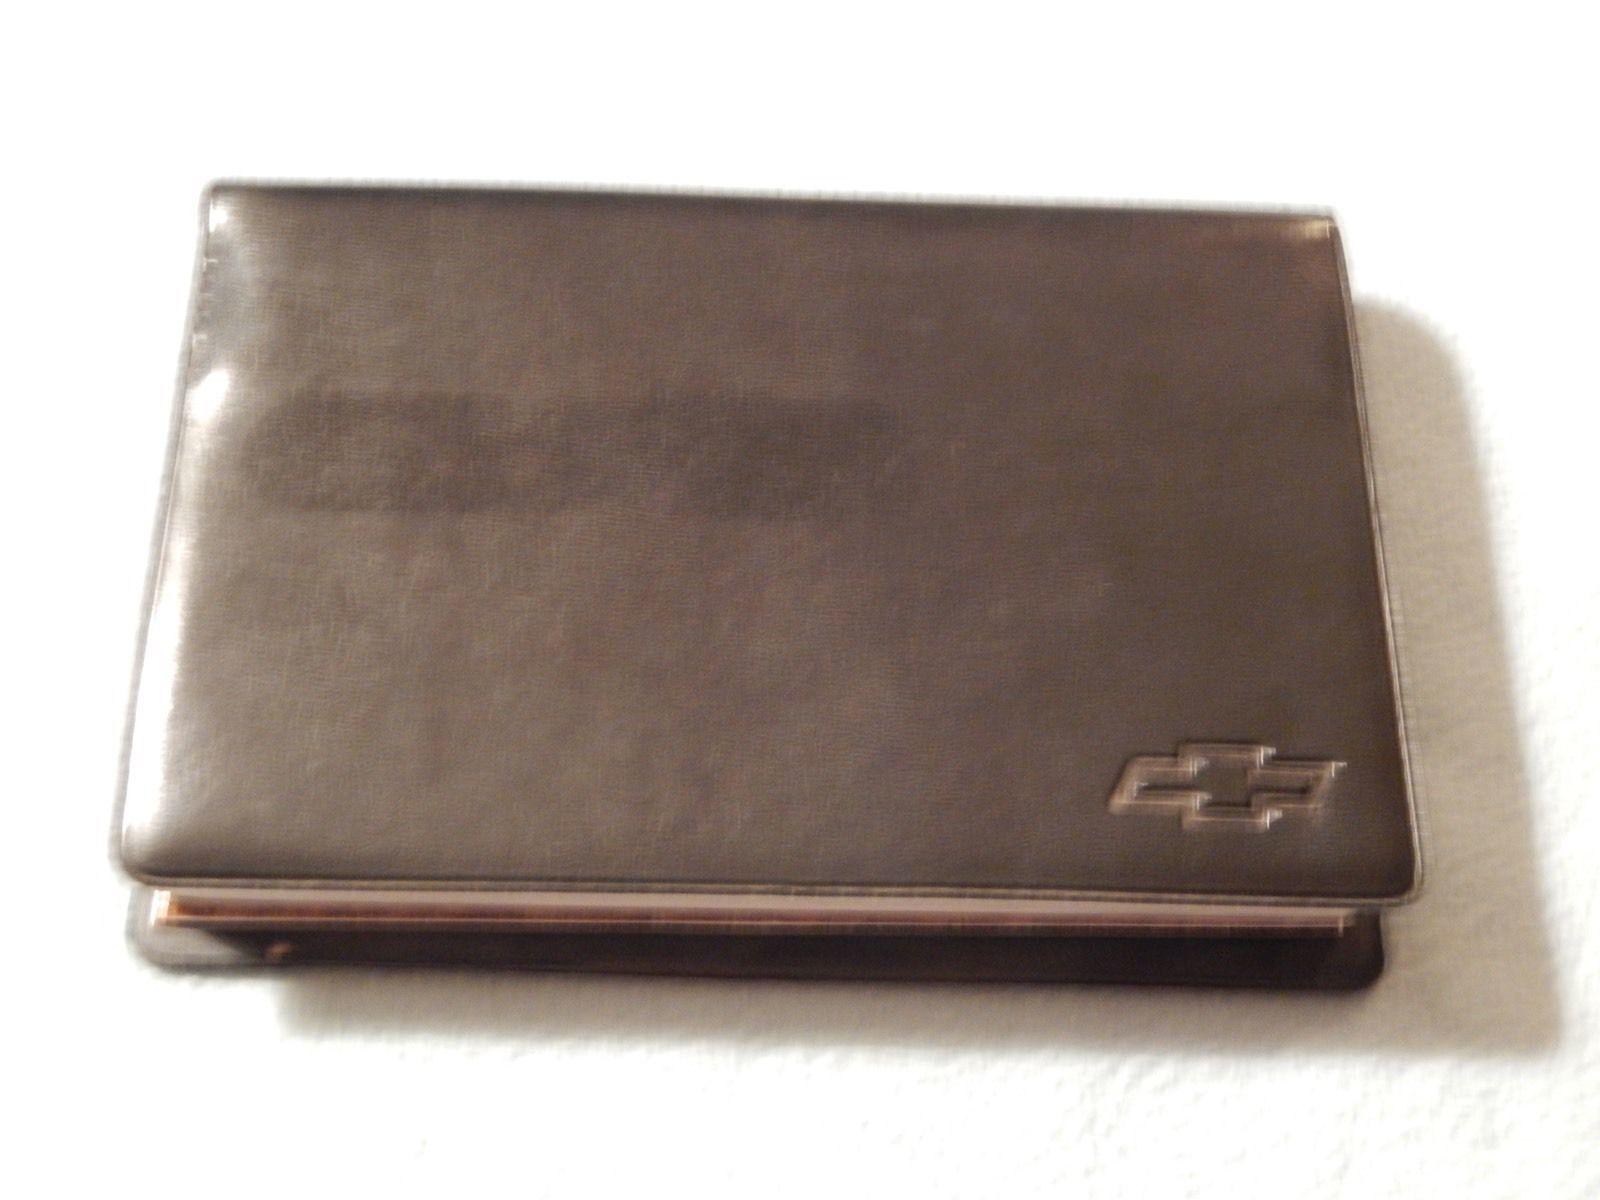 2000 chevrolet blazer owners manual with and similar items rh bonanza com Chevy Blazer 4x4 1994 Chevy Blazer Diesel